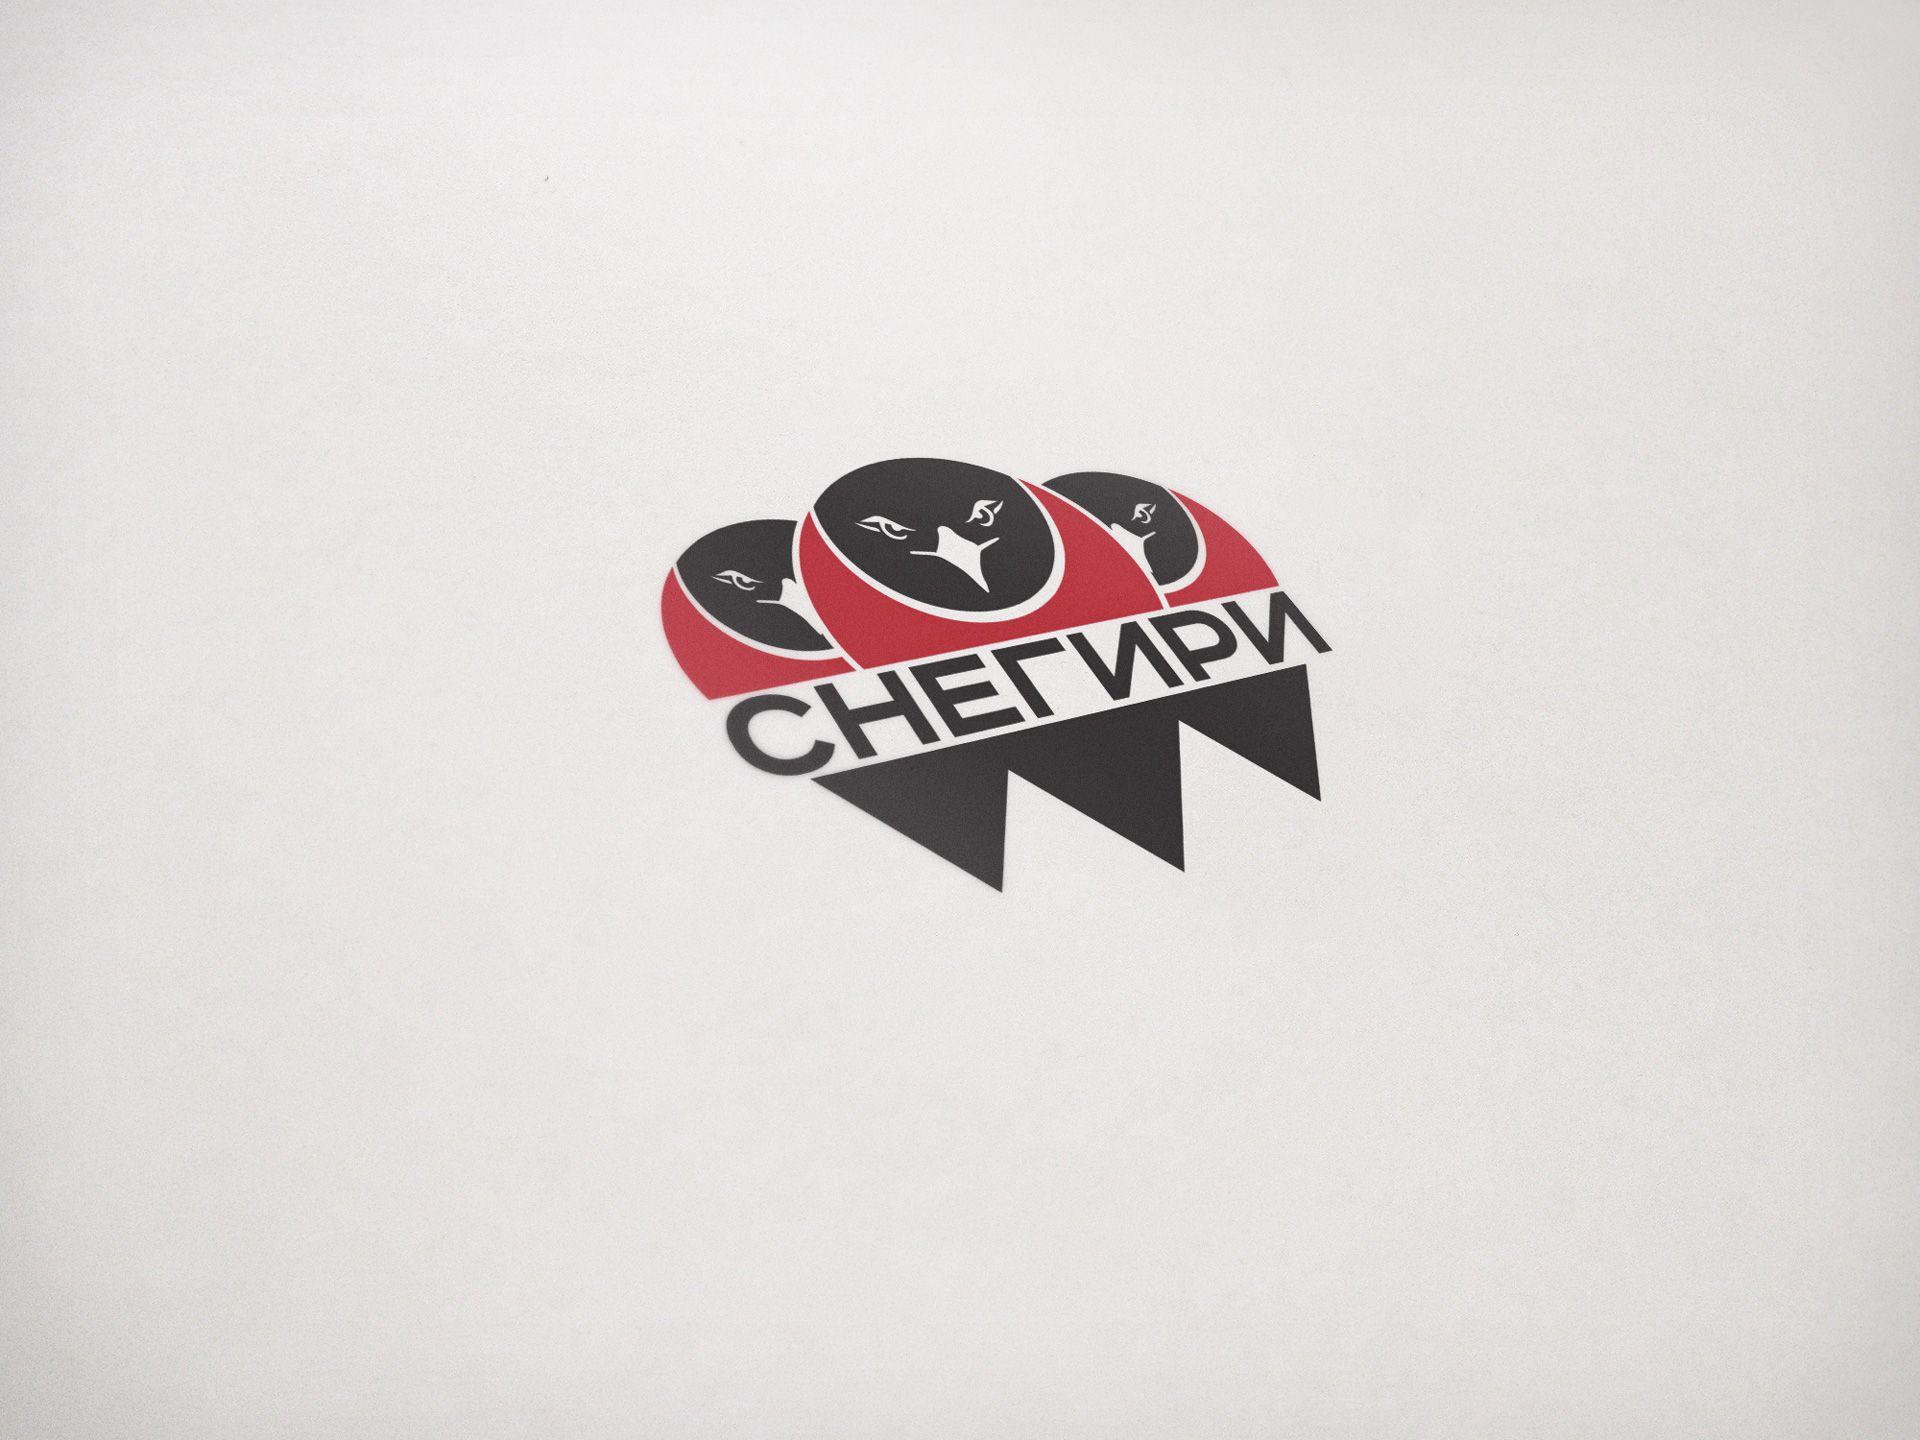 Разработка лого и стиля для рекламной компании - дизайнер Advokat72